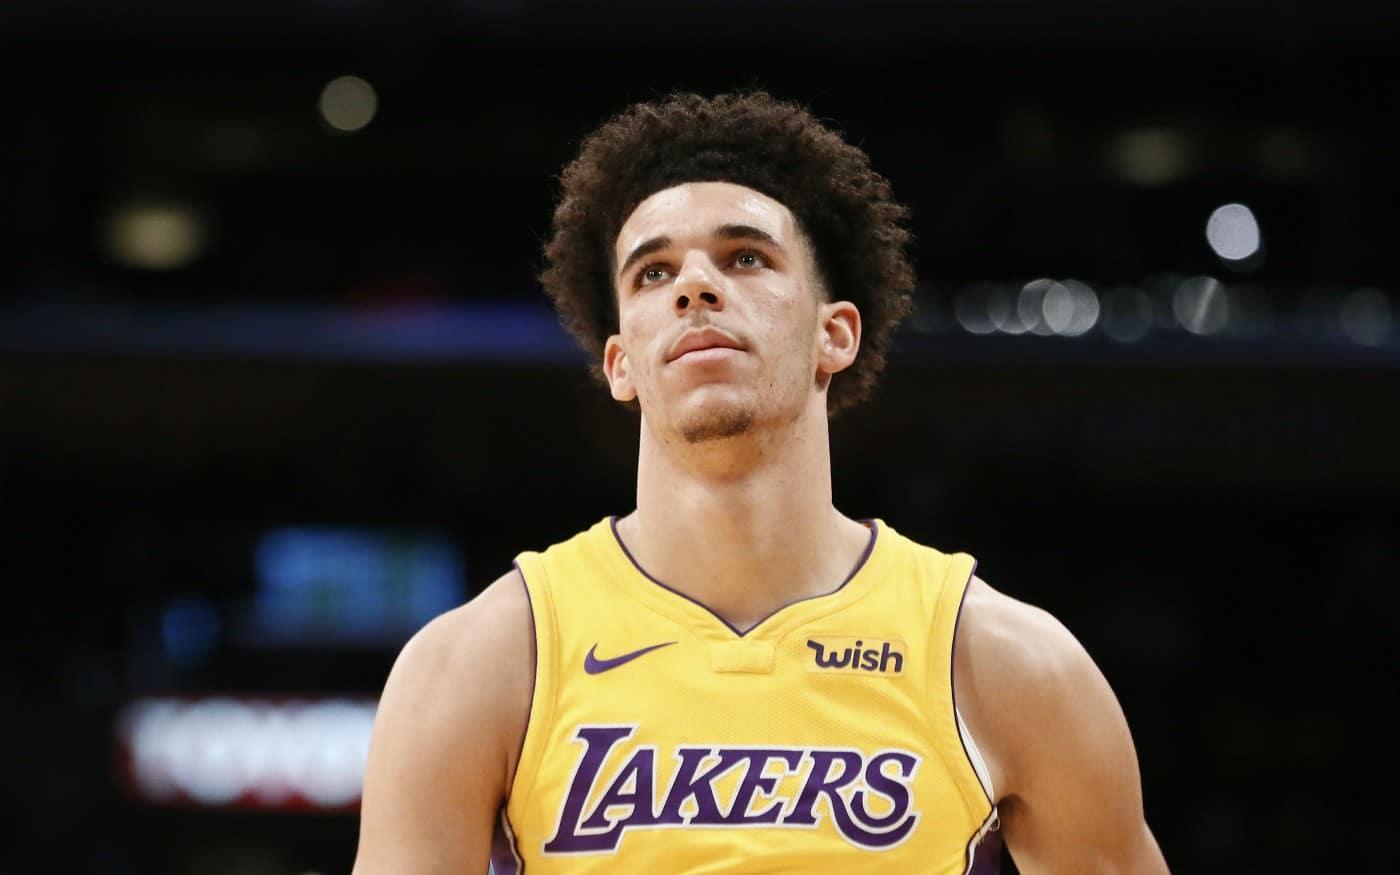 Ça y est, LaVar Ball commence à critiquer les Lakers